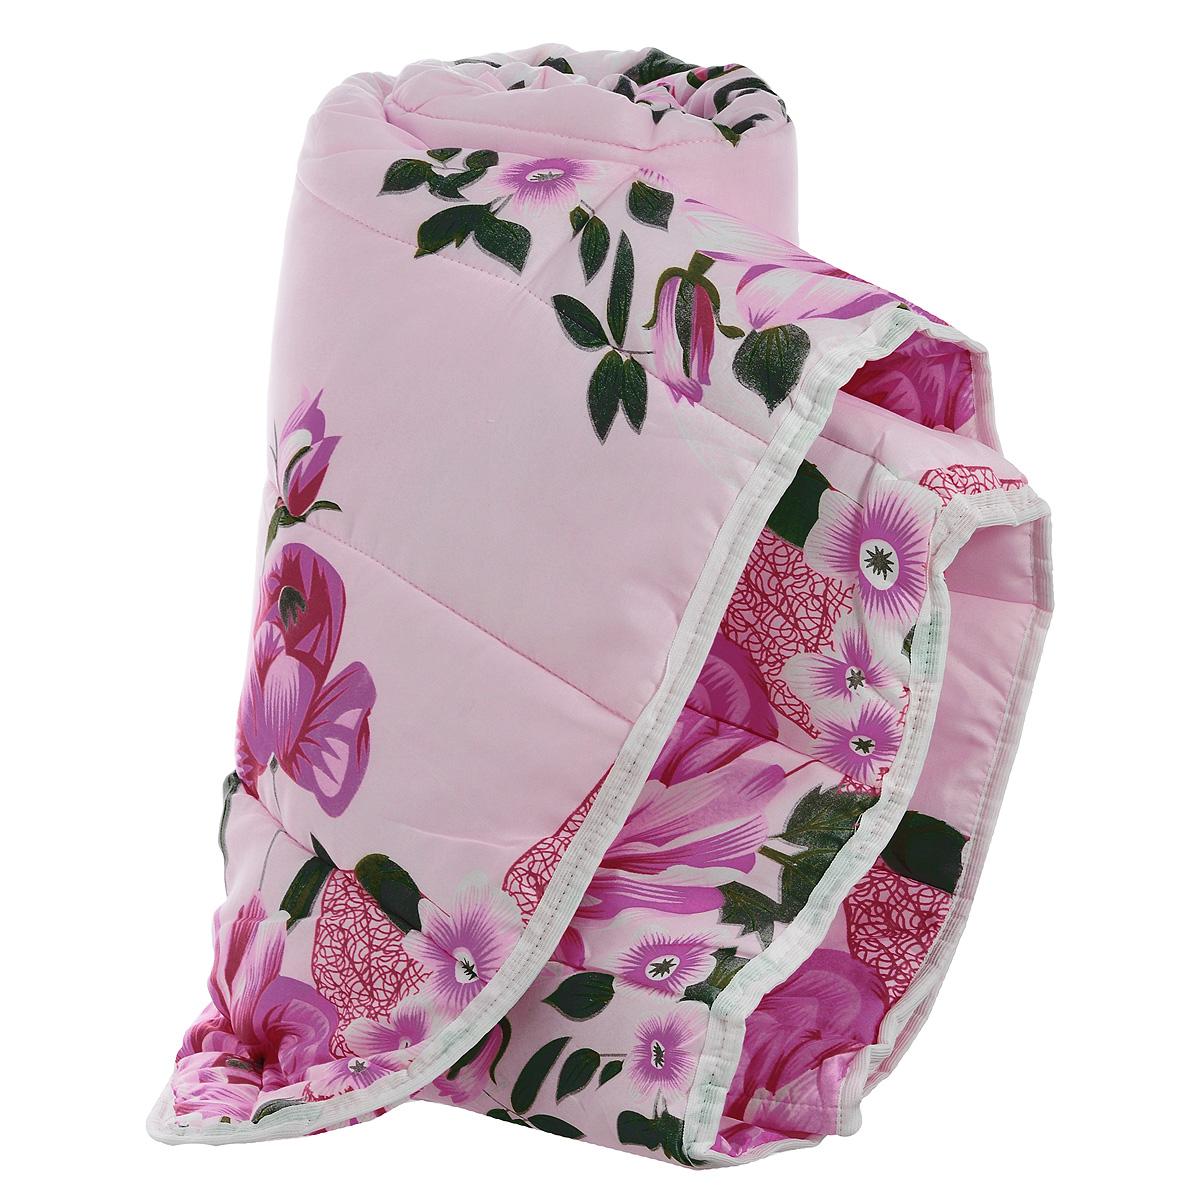 Одеяло всесезонное OL-Tex Miotex, наполнитель: полиэфирное волокно Holfiteks, цвет: розовый, красный, 172 х 205 смМХПЭ-18-3_розовыйВсесезонное одеяло OL-Tex Miotex создаст комфорт и уют во время сна. Стеганый чехол выполнен из полиэстера и оформлен красивым рисунком. Внутри - наполнитель из полиэфирного высокосиликонизированного волокна Holfiteks, упругий и качественный. Холфитекс - современный экологически чистый синтетический материал, изготовленный по новейшим технологиям. Его уникальность заключается в расположении волокон, которые позволяют моментально восстанавливать форму и сохранять ее долгое время. Изделия с использованием Холфитекса очень удобны в эксплуатации - их можно часто стирать без потери потребительских свойств, они быстро высыхают, не впитывают запахов и совершенно гиппоаллергенны. Холфитекс также обеспечивает хорошую терморегуляцию, поэтому изделия с наполнителем из холфитекса очень комфортны в использовании. Одеяло с наполнителем Холфитекс порадует вас в любое время года. Оно комфортно согревает и создает отличный микроклимат. За одеялом легко ухаживать, можно стирать в стиральной машинке.Рекомендации по уходу:- Ручная и машинная стирка при температуре 30°С.- Не гладить.- Не отбеливать. - Нельзя отжимать и сушить в стиральной машине.- Сушить вертикально. Размер одеяла: 172 см х 205 см. Материал чехла: 100% полиэстер. Материал наполнителя: полиэфирное высокосиликонизированное волокно Holfiteks. Плотность: 300 г/м2.